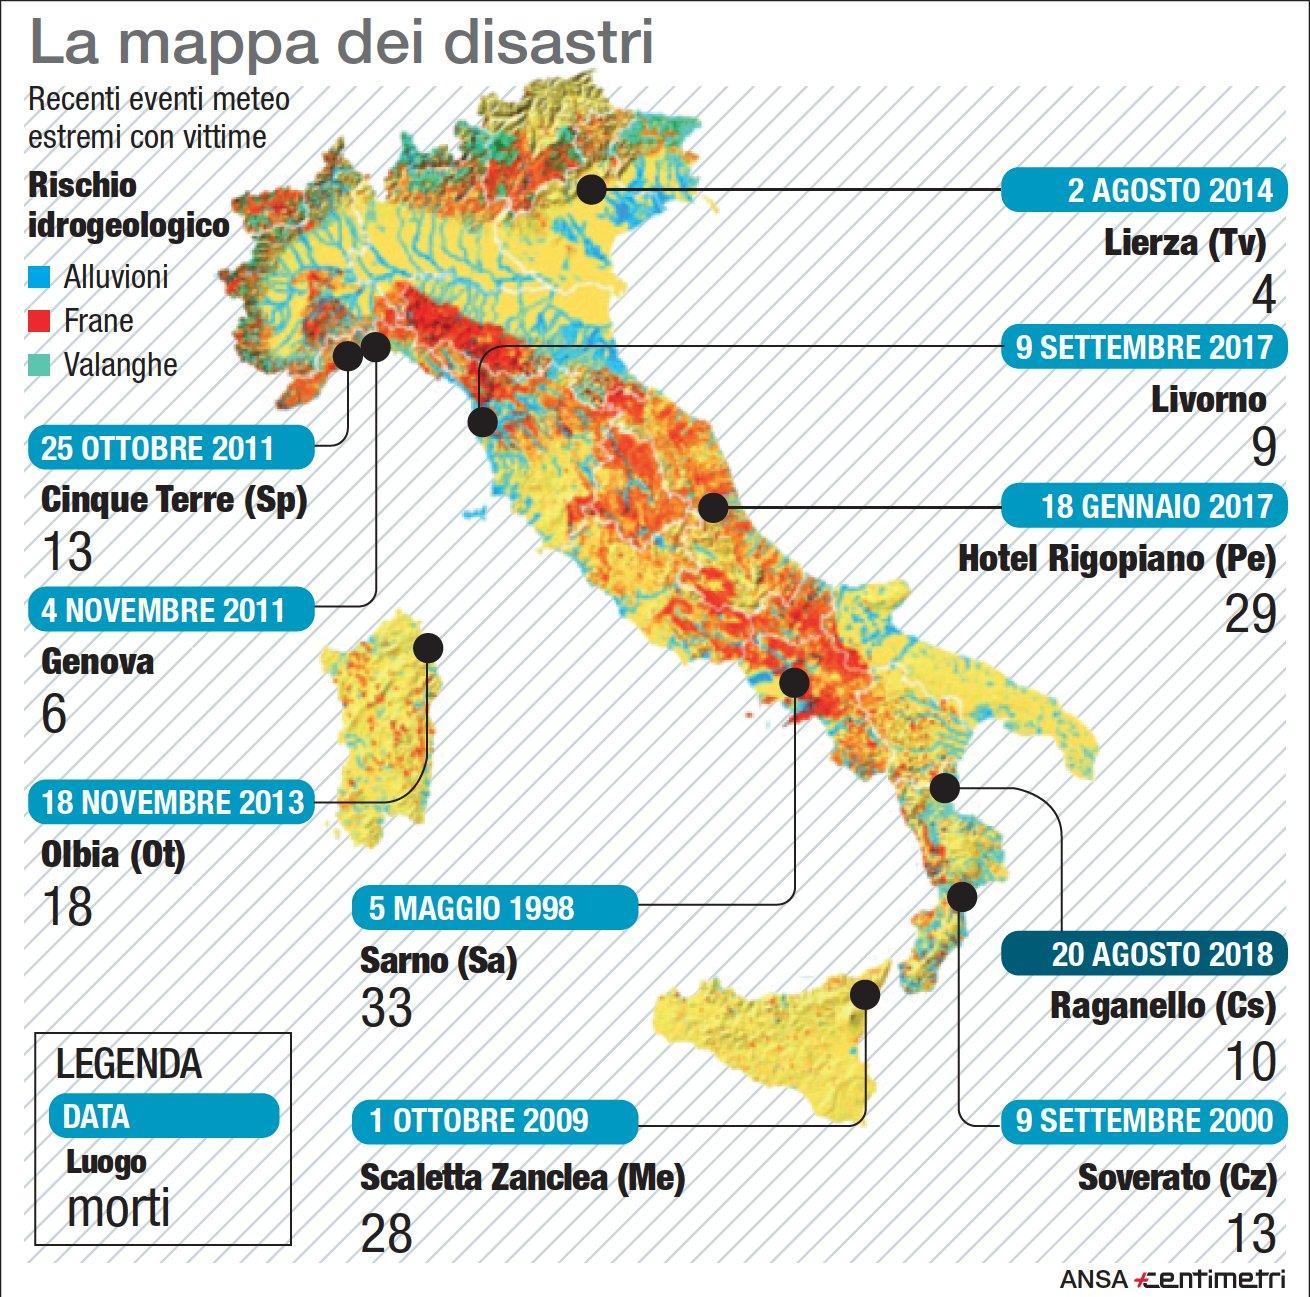 Alluvioni e frane, i precedenti più catastrofici